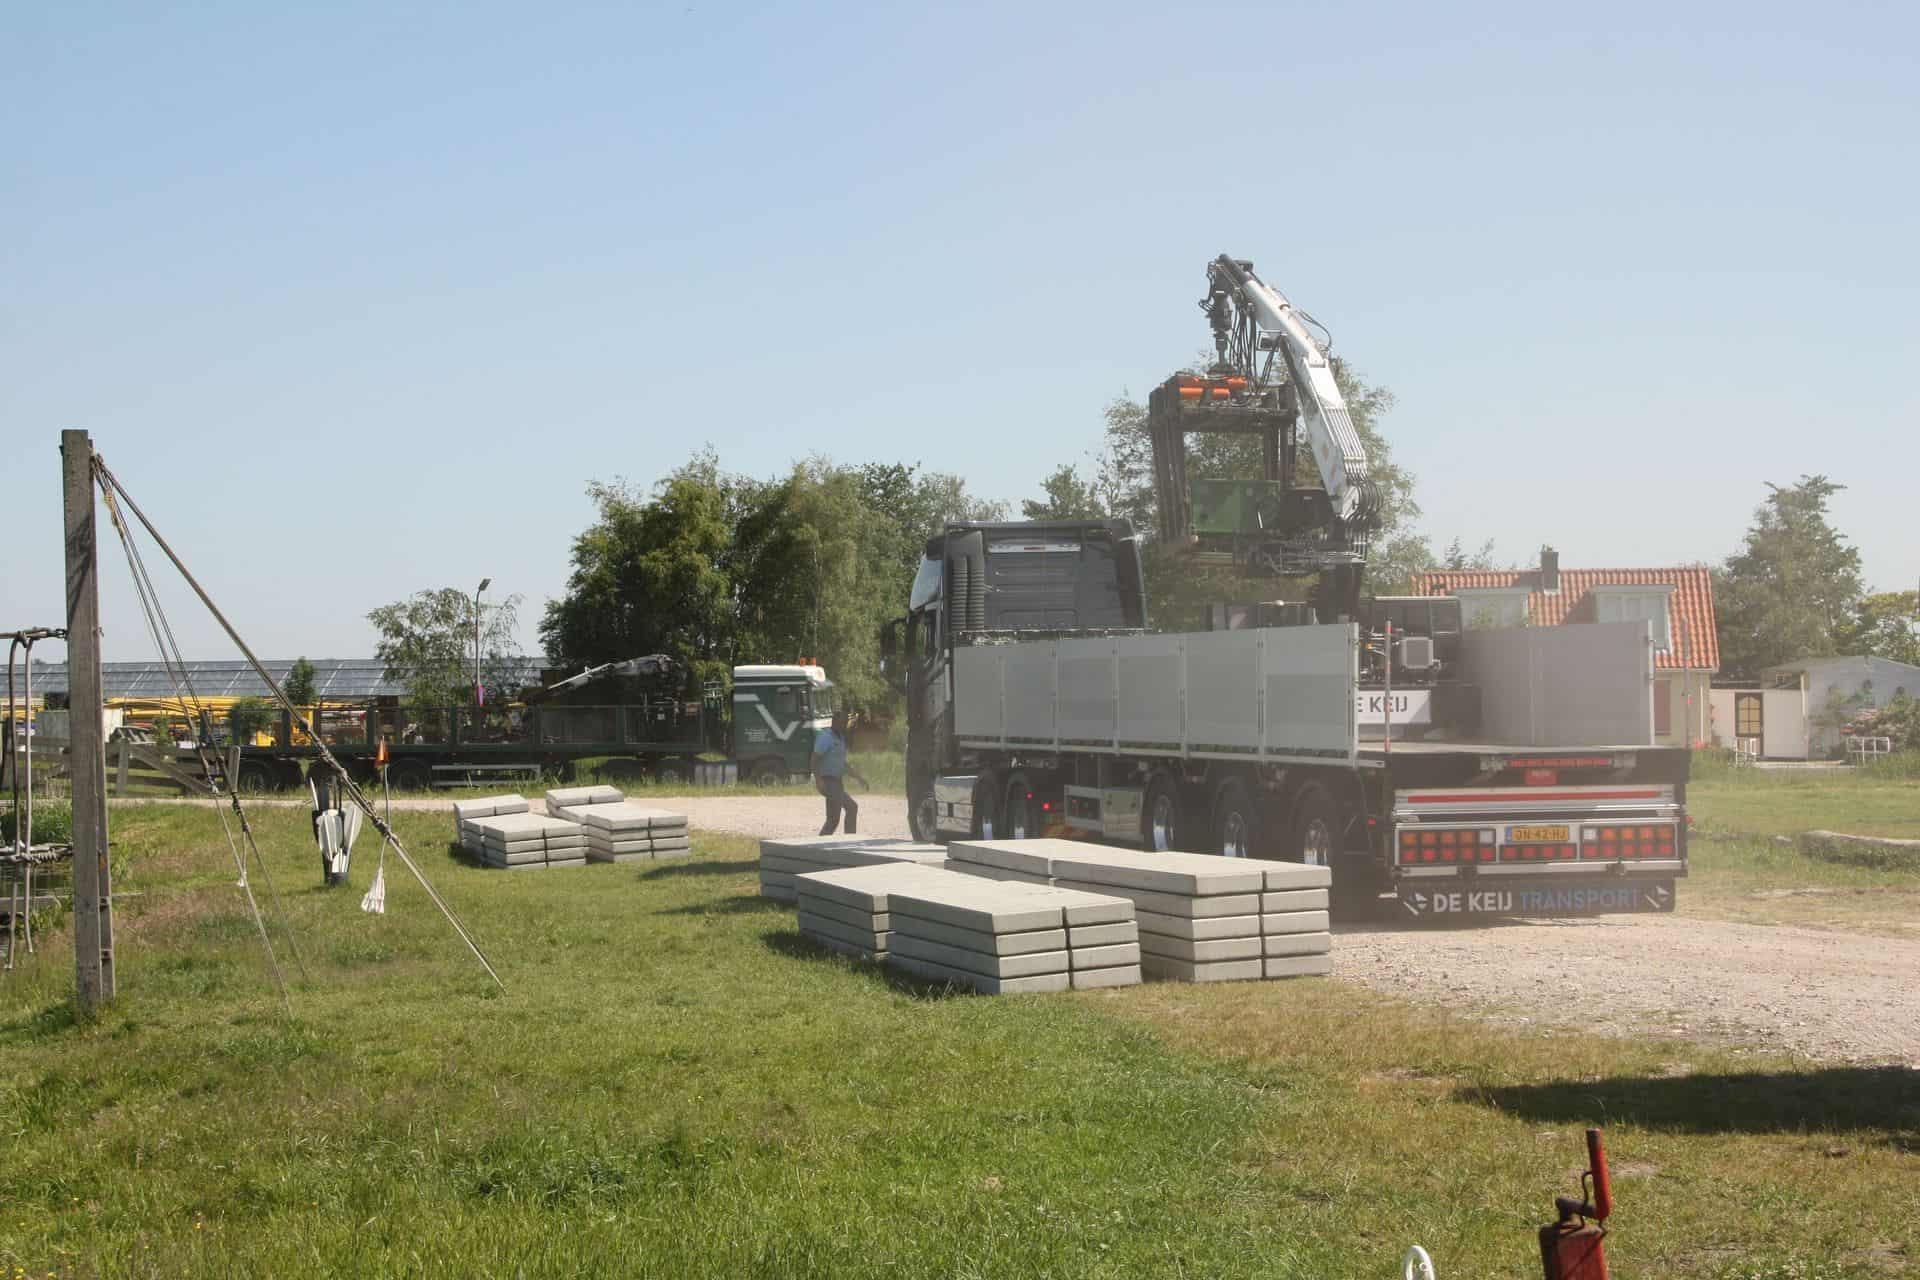 De Keij | Betonplaten leggen 80x120x.12cm met hijssleuf